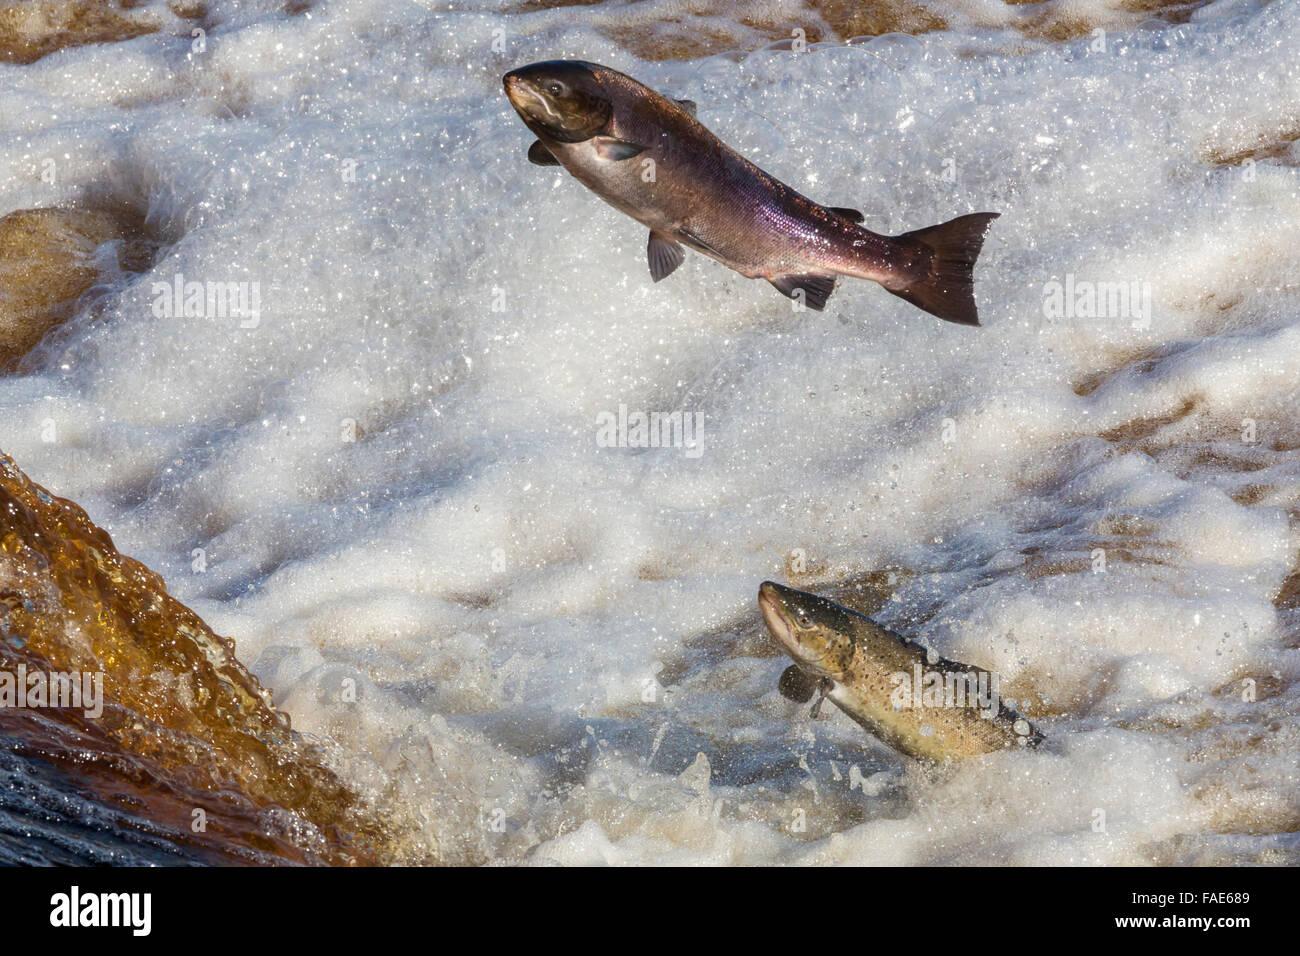 Salmone atlantico (Salmo salar) salta sulla migrazione a monte, sul fiume Tyne, Hexham, Northumberland, Regno Unito Immagini Stock